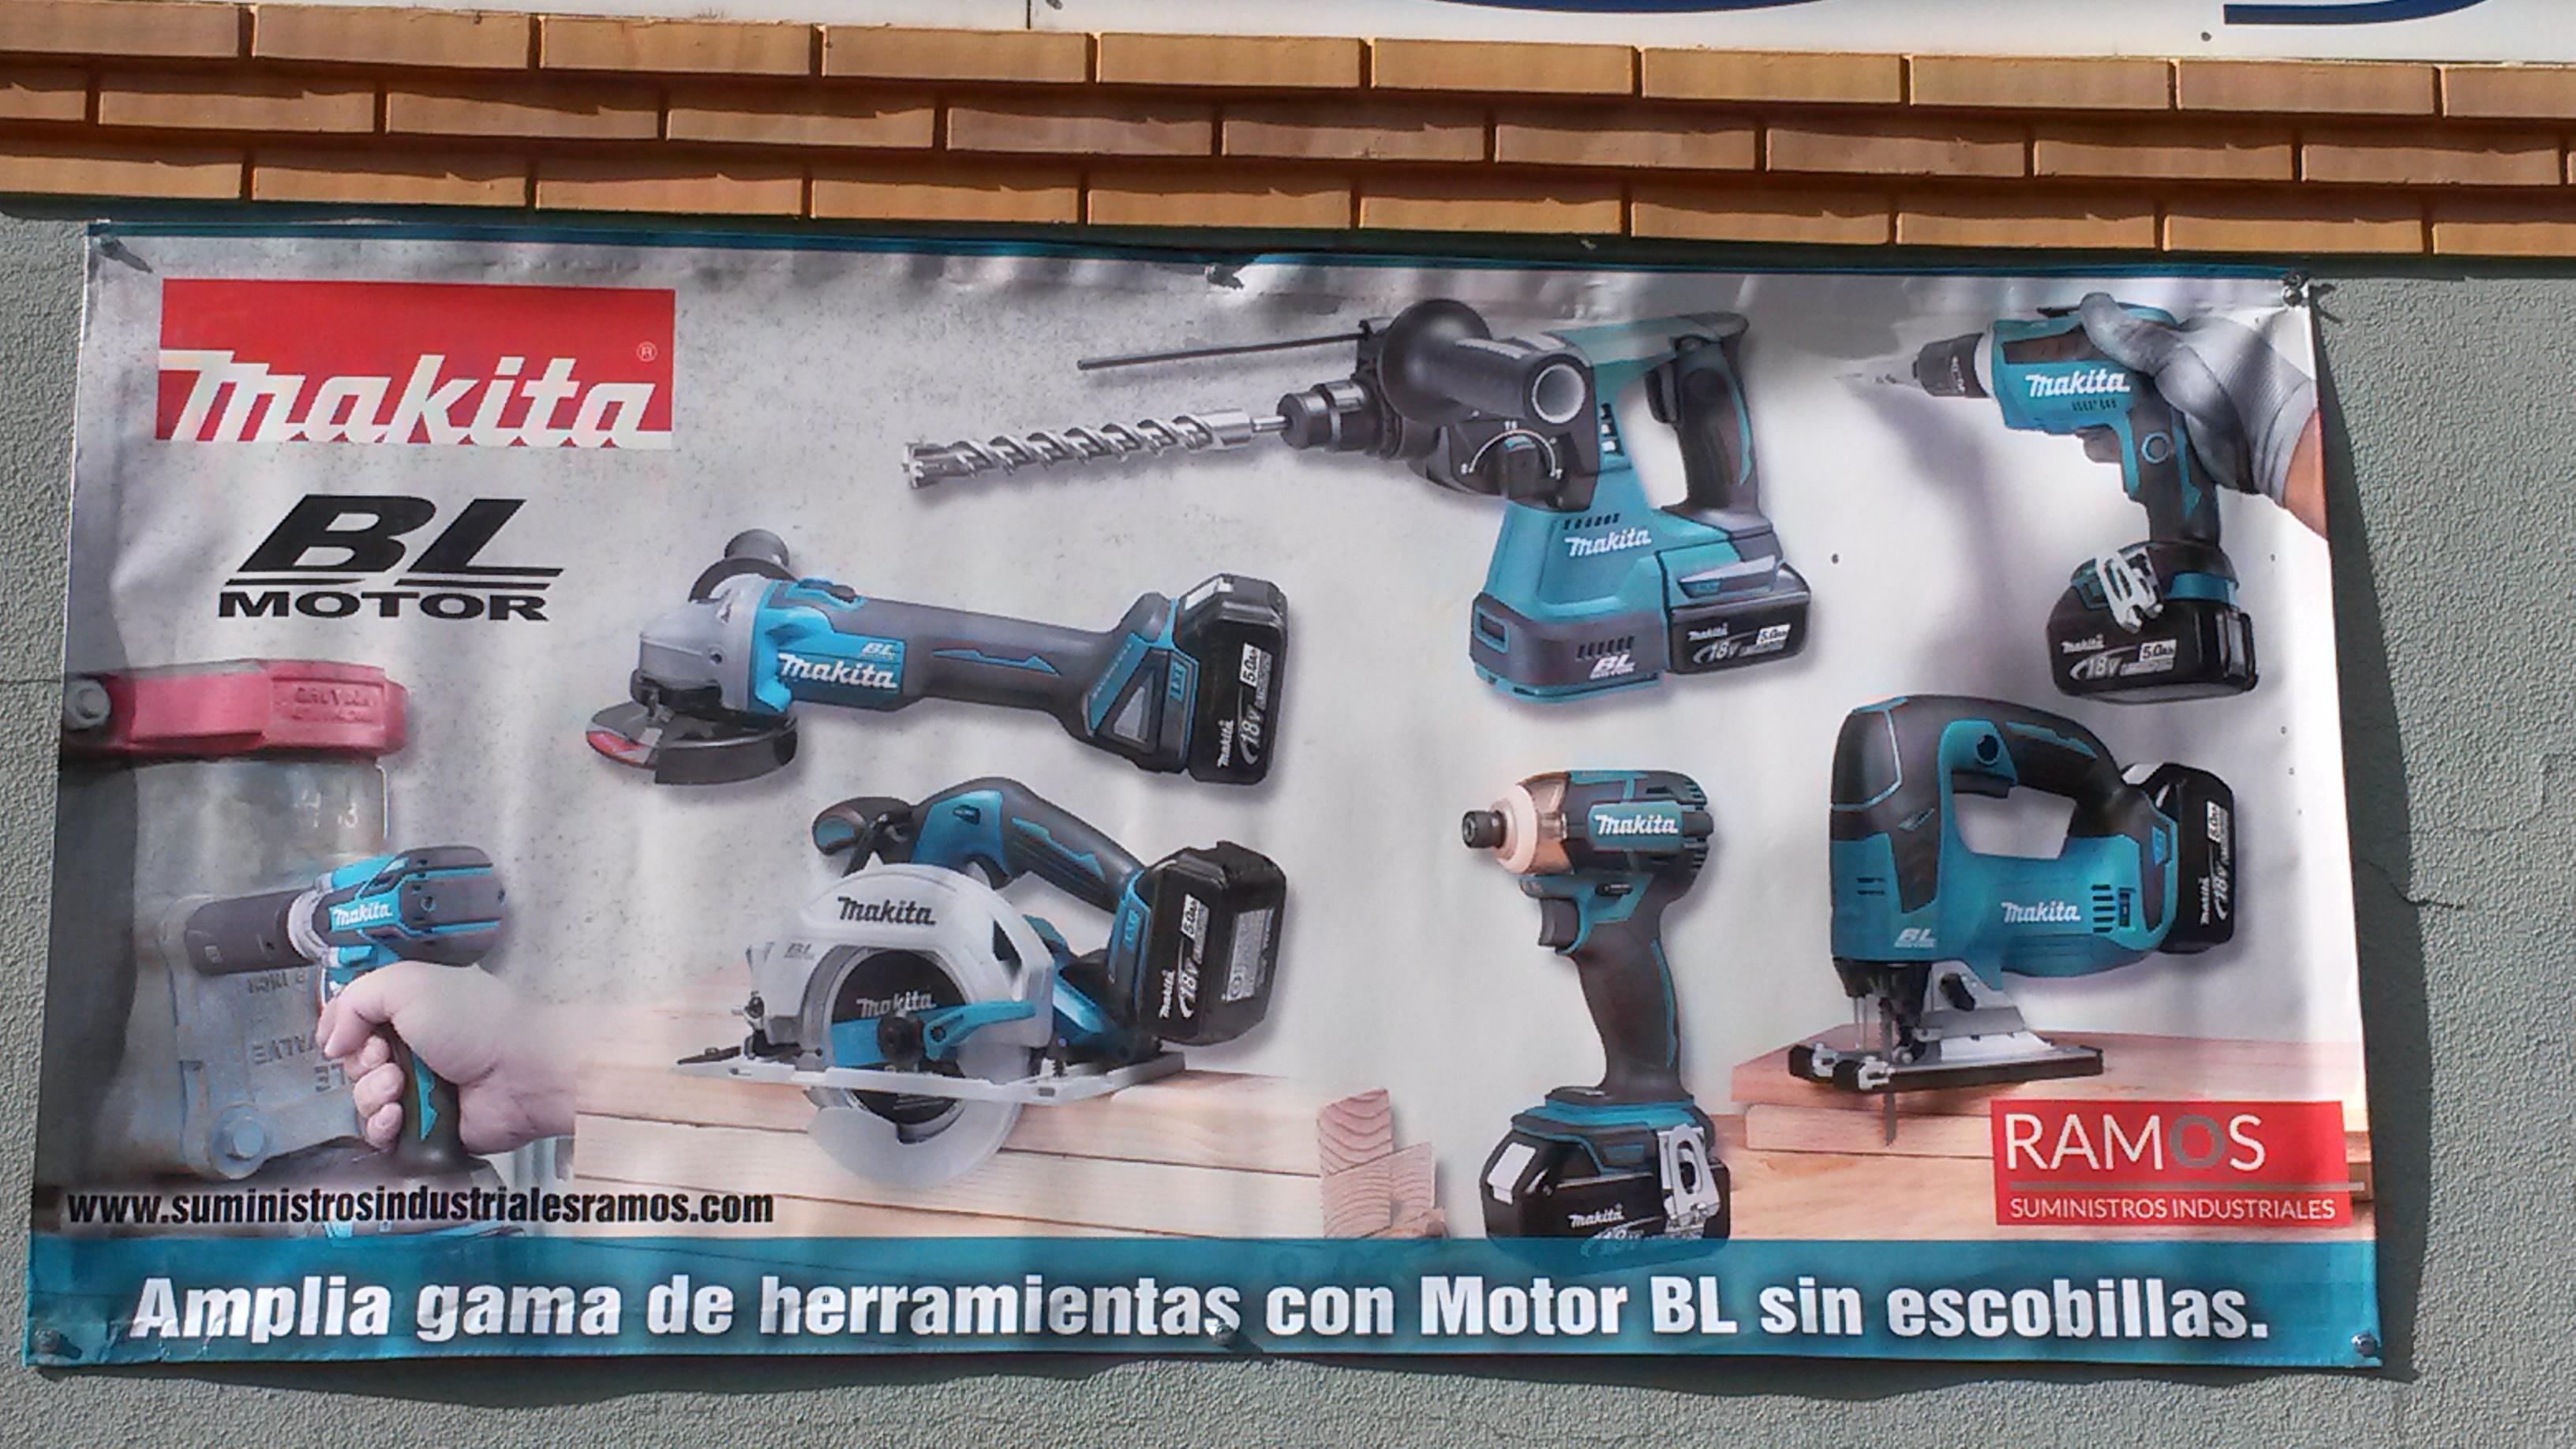 makita_suministros_industriales_ramos